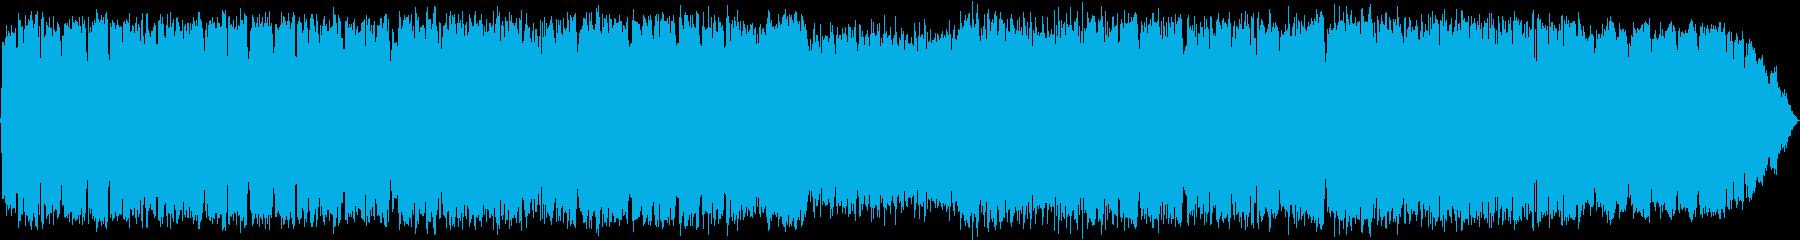 ひっそりとした夜の雰囲気のケーナ演奏の再生済みの波形